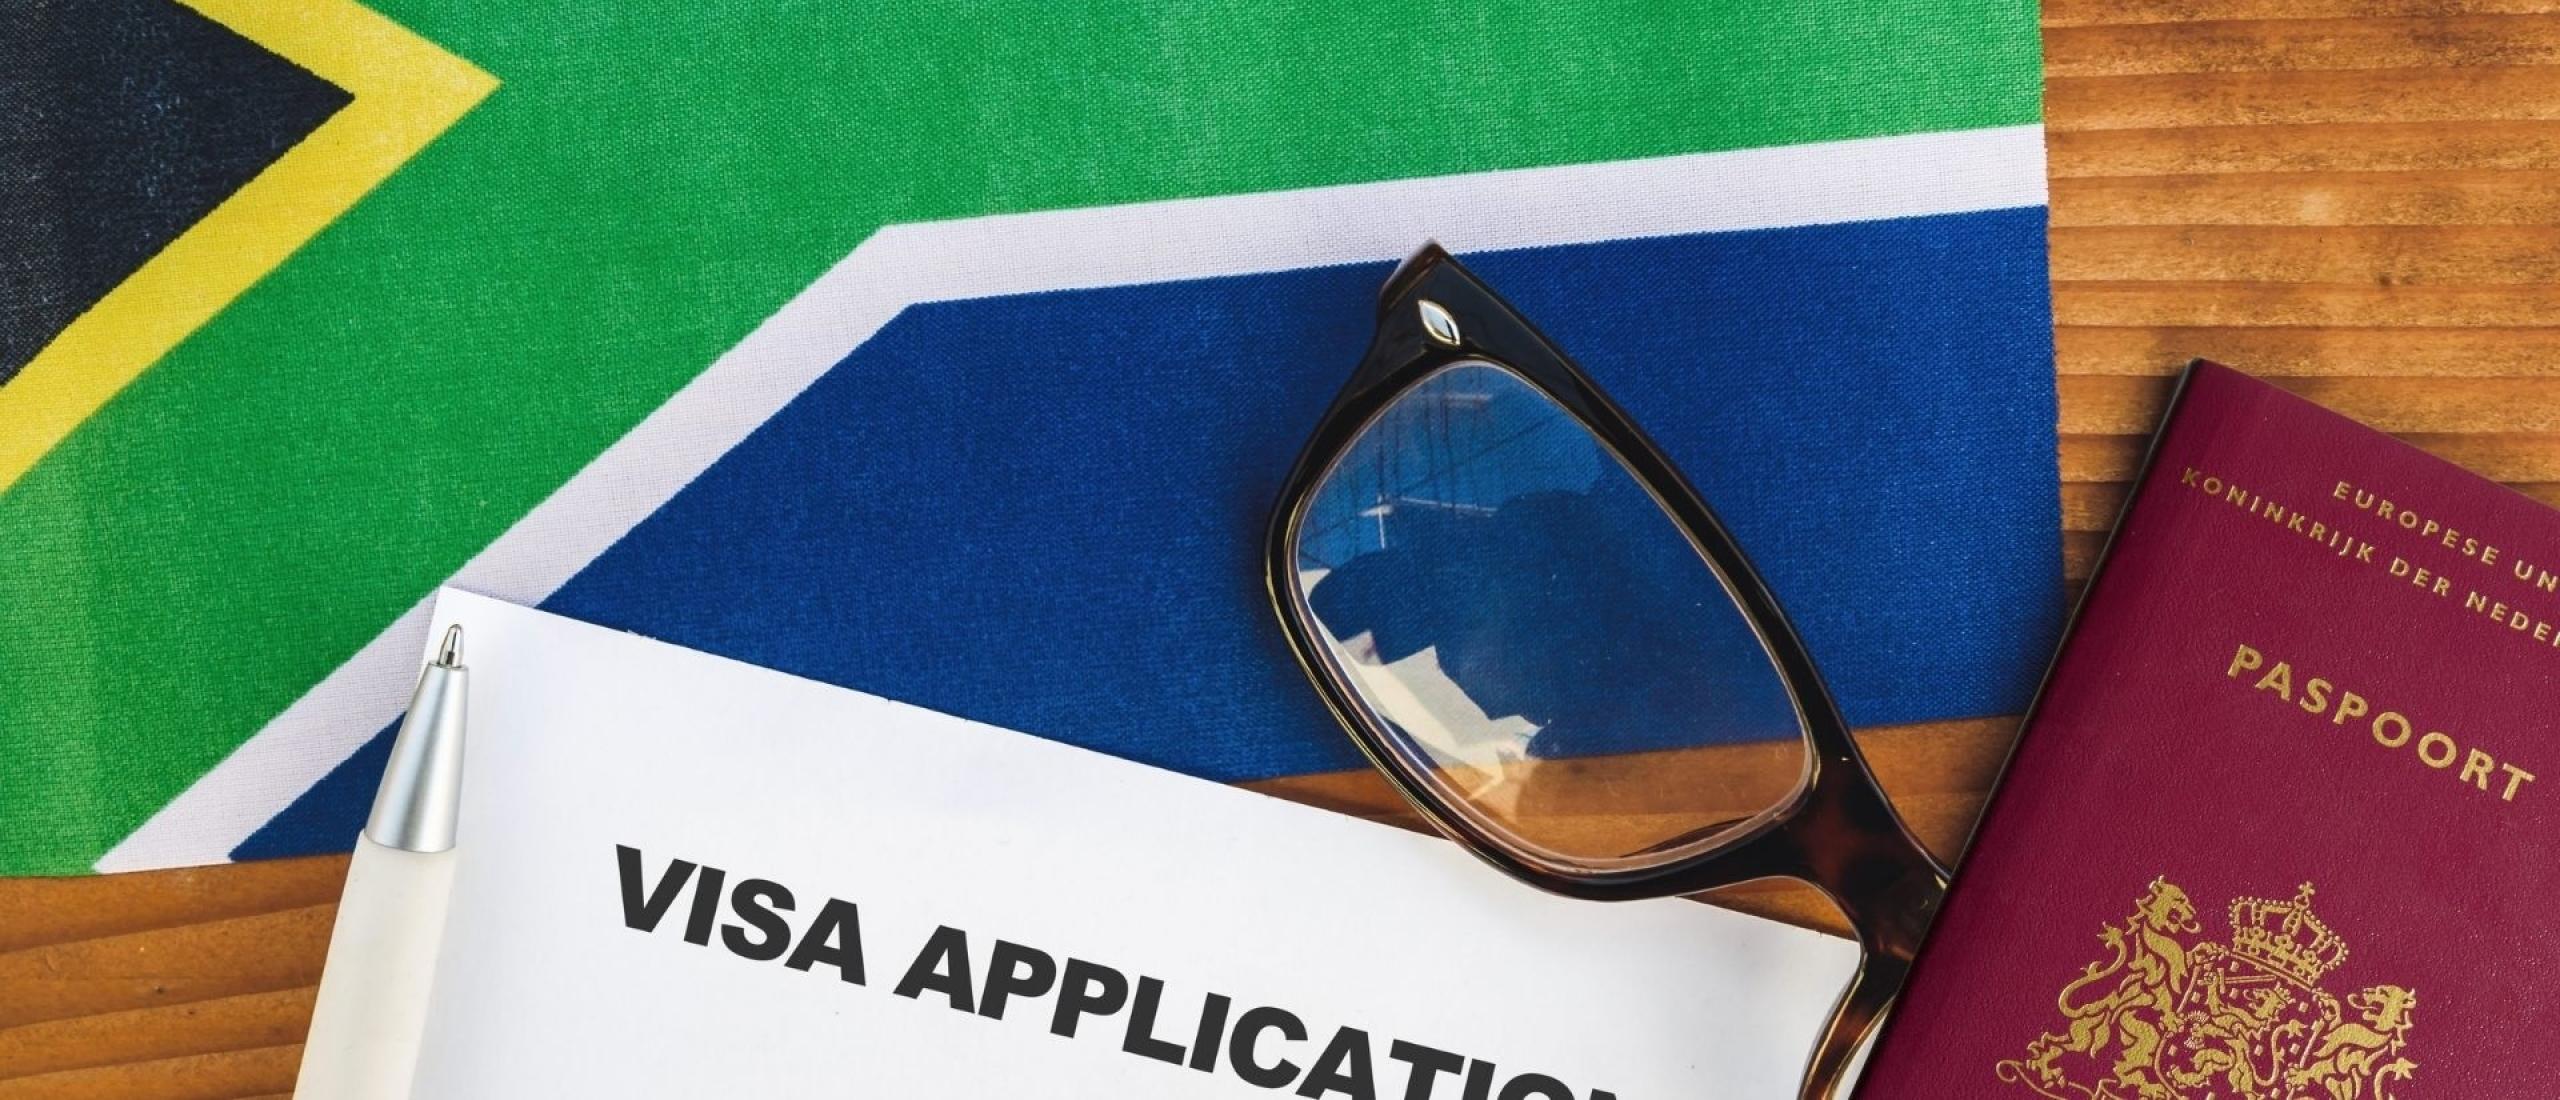 Belangrijke informatie en veiligheid in Zuid-Afrika